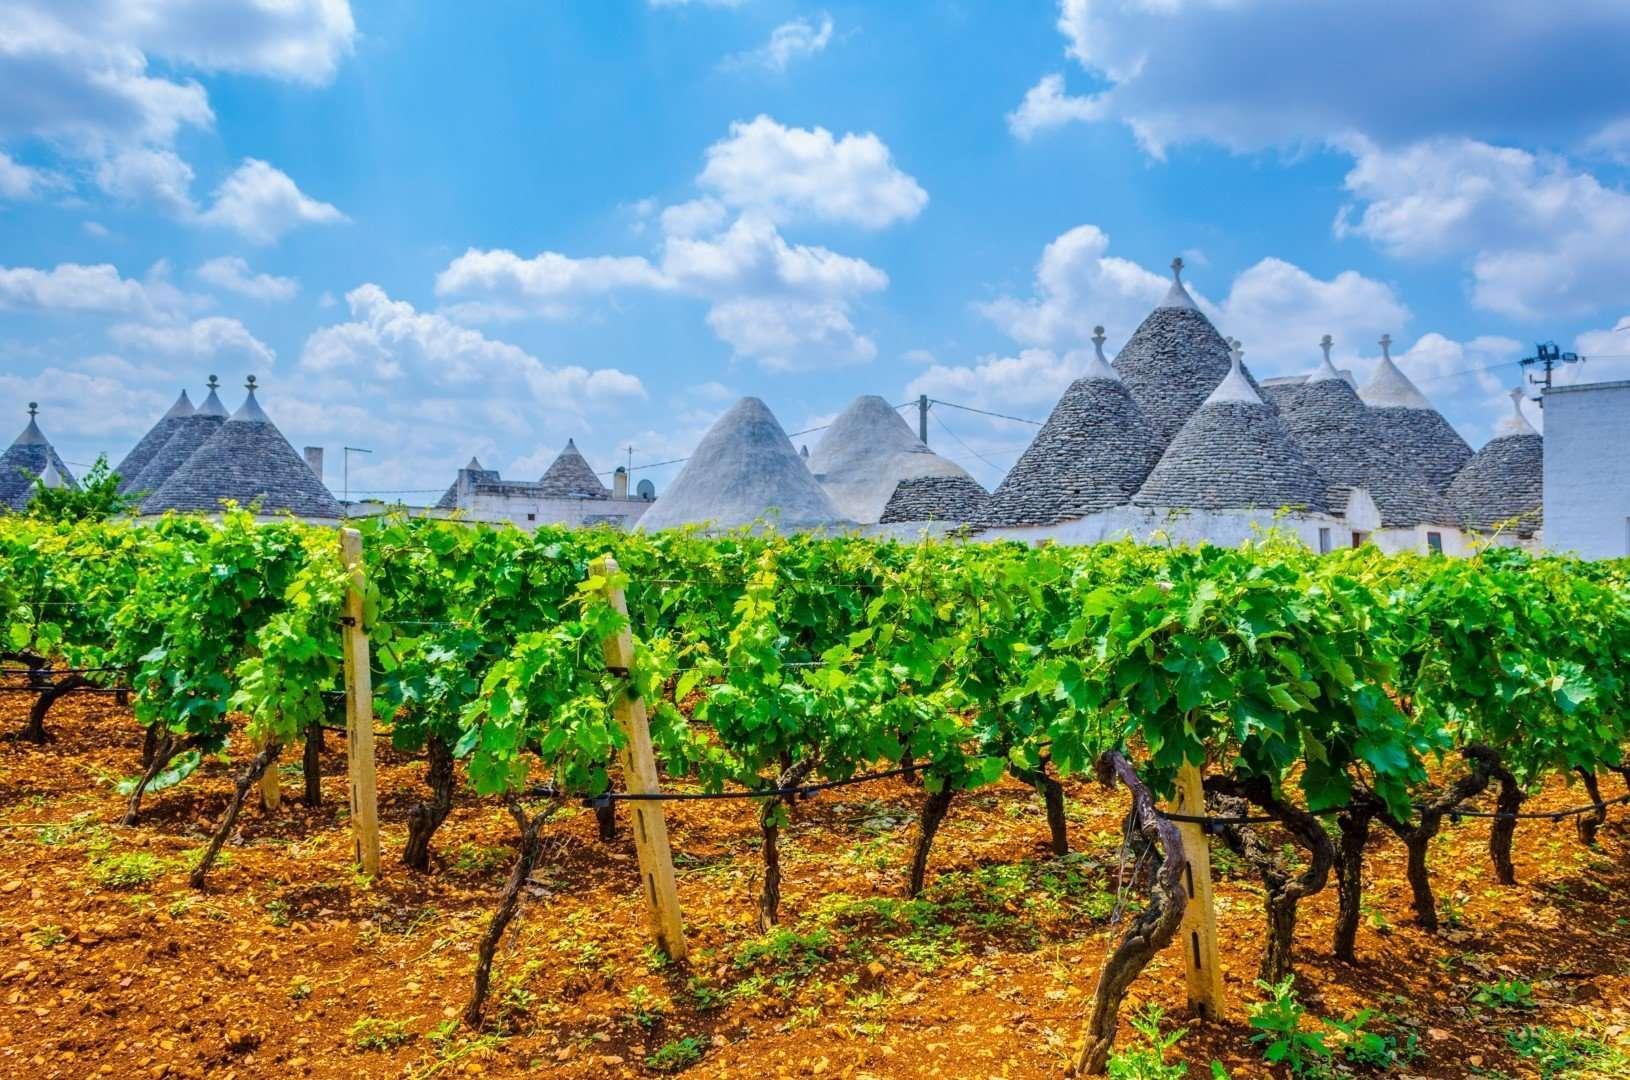 wijngaarden in alberobello